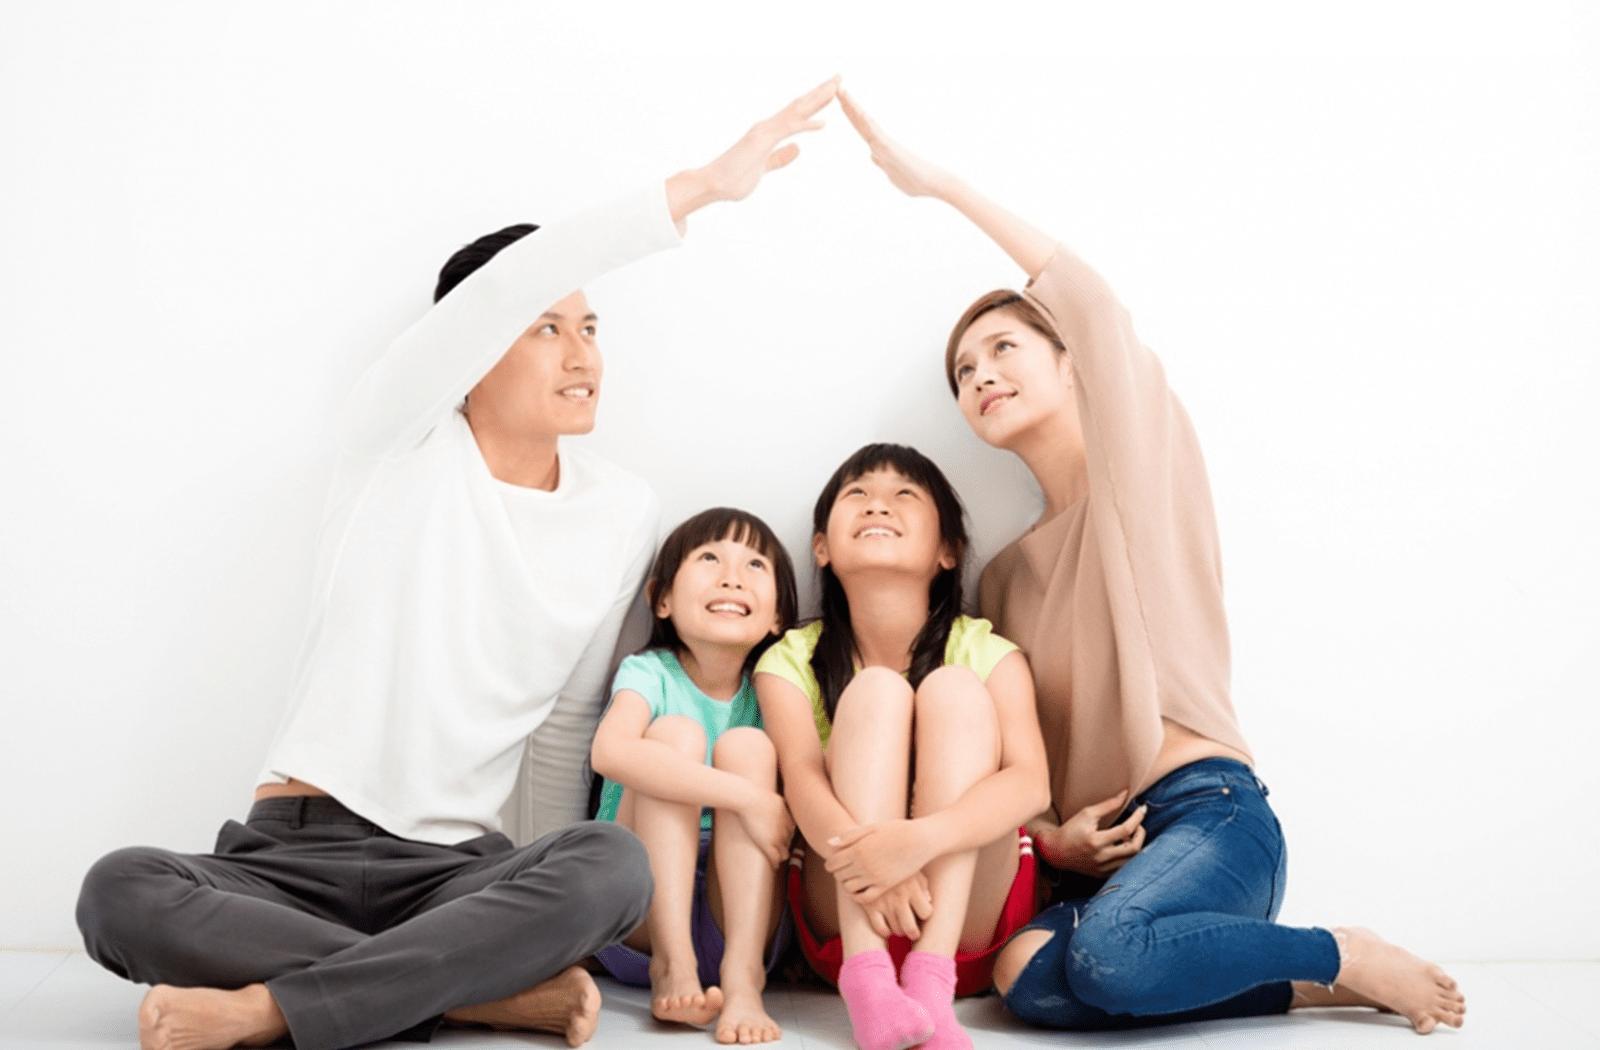 Trước khi áp đặt các thành viên trong gia đình là một việc gì đó thì hãy đặt mình vào vị trí của họ.